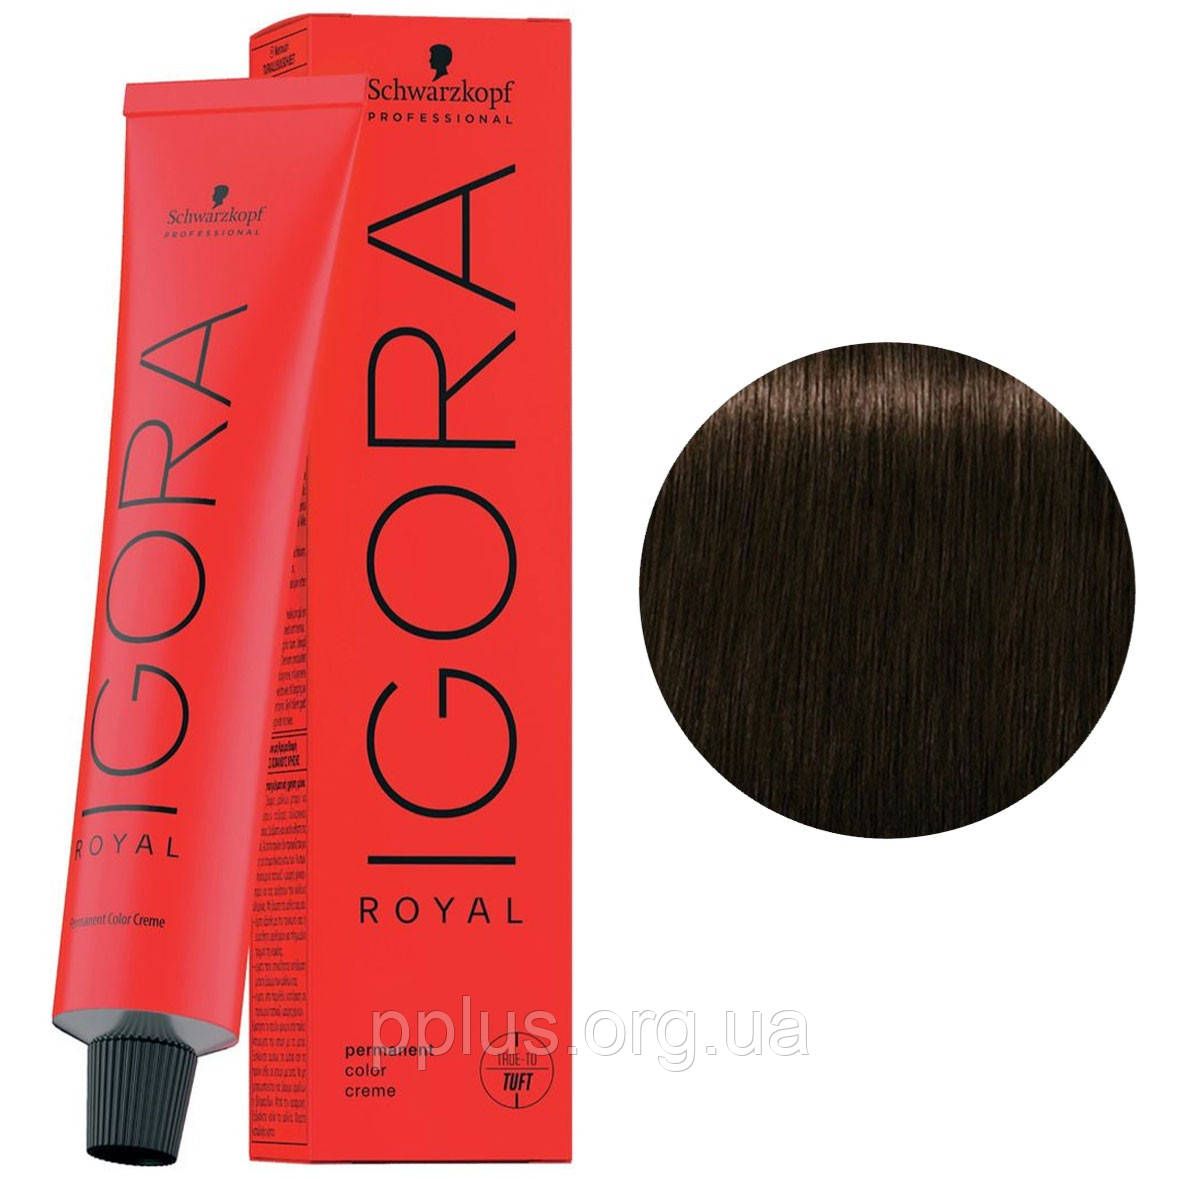 Фарба для волосся 4-46 Schwarzkopf Igora Royal середньо-коричневий бежевий шоколадний 60 мл